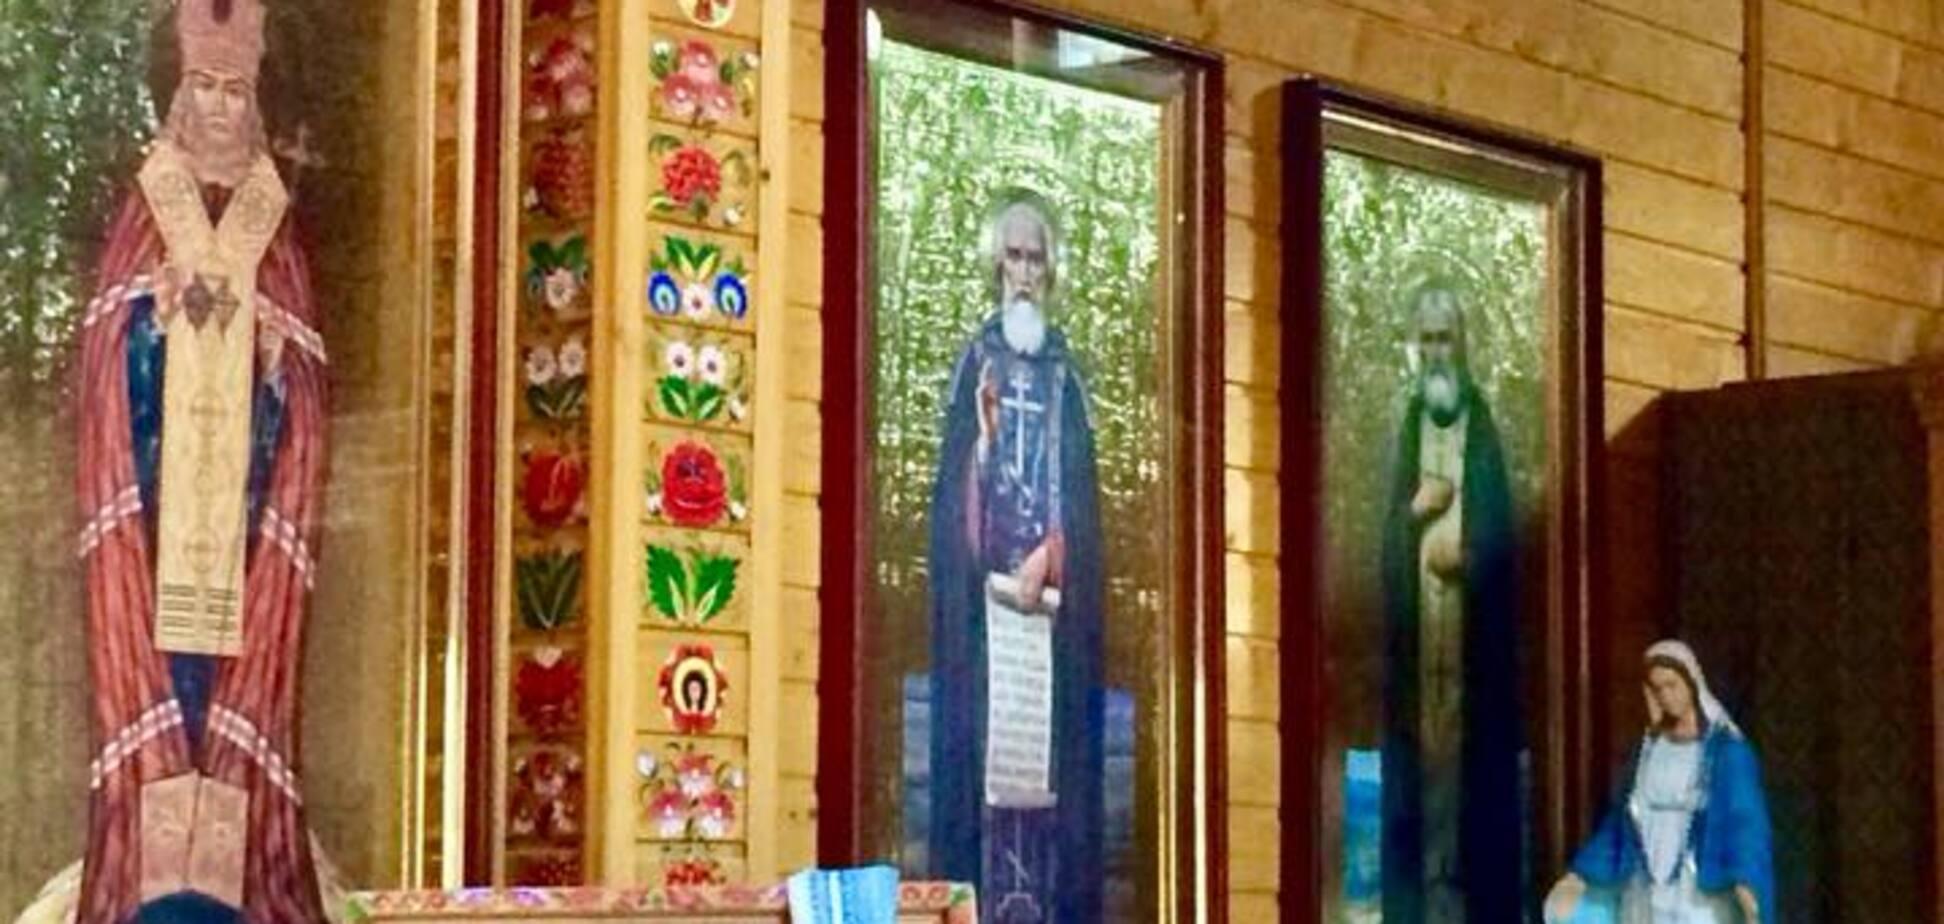 'Выдерживаем стиль': как в храме Днепра переборщили с росписью